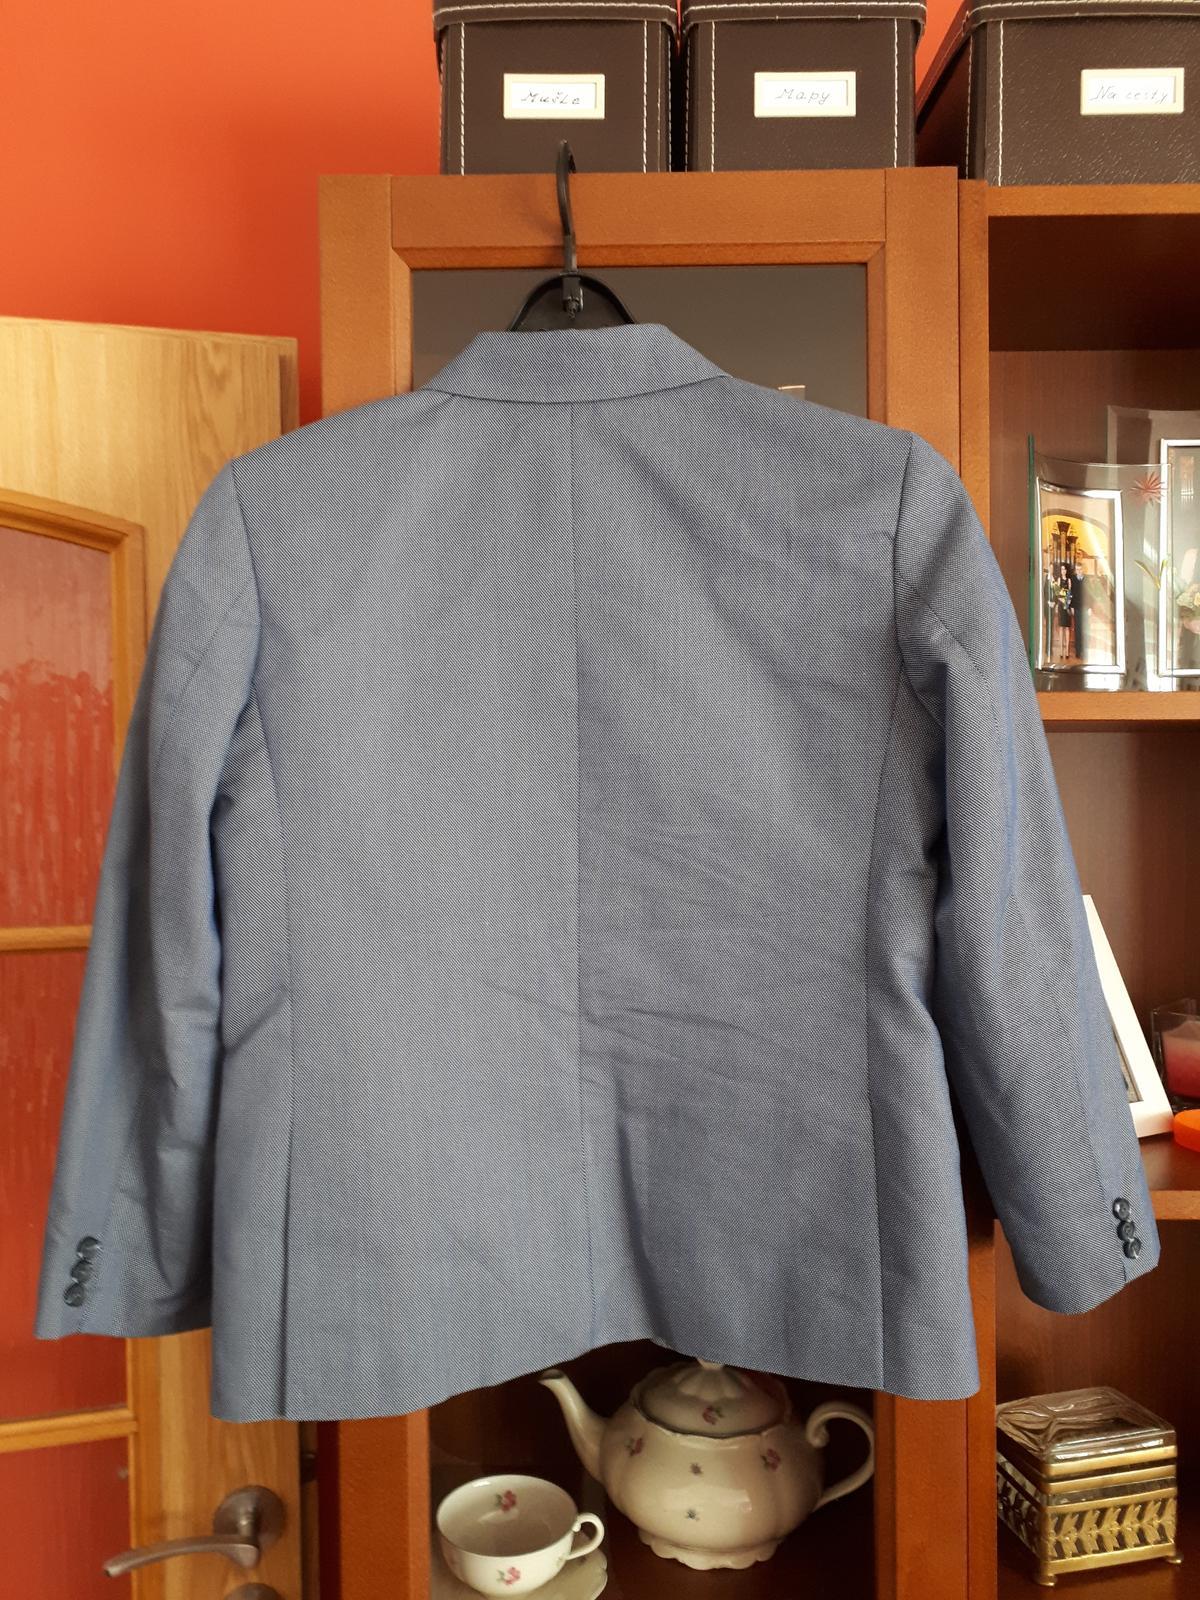 Modré chlapecké sako - Obrázek č. 2